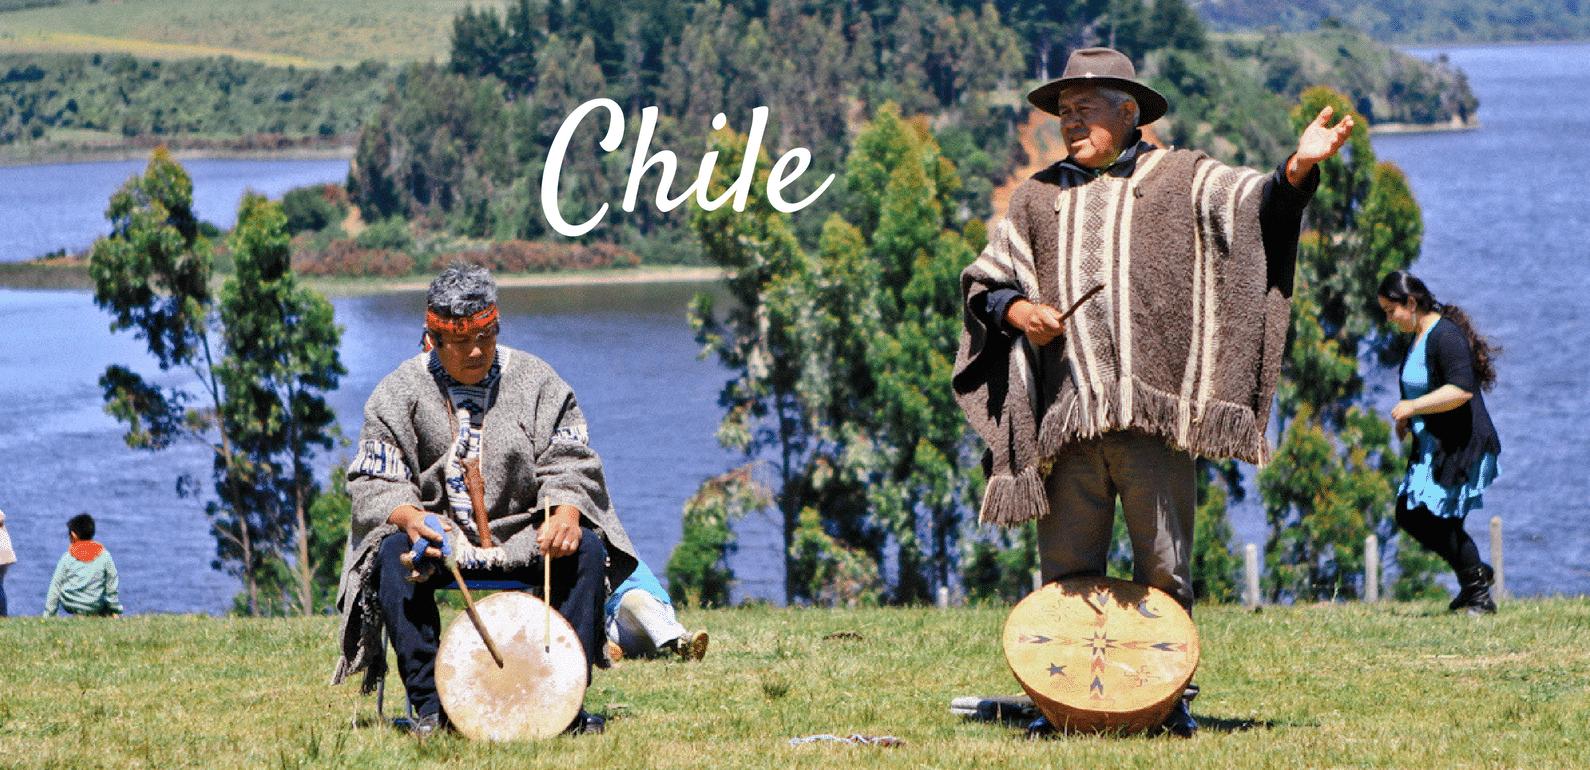 Araukanien in Chile - Land der Mapuche